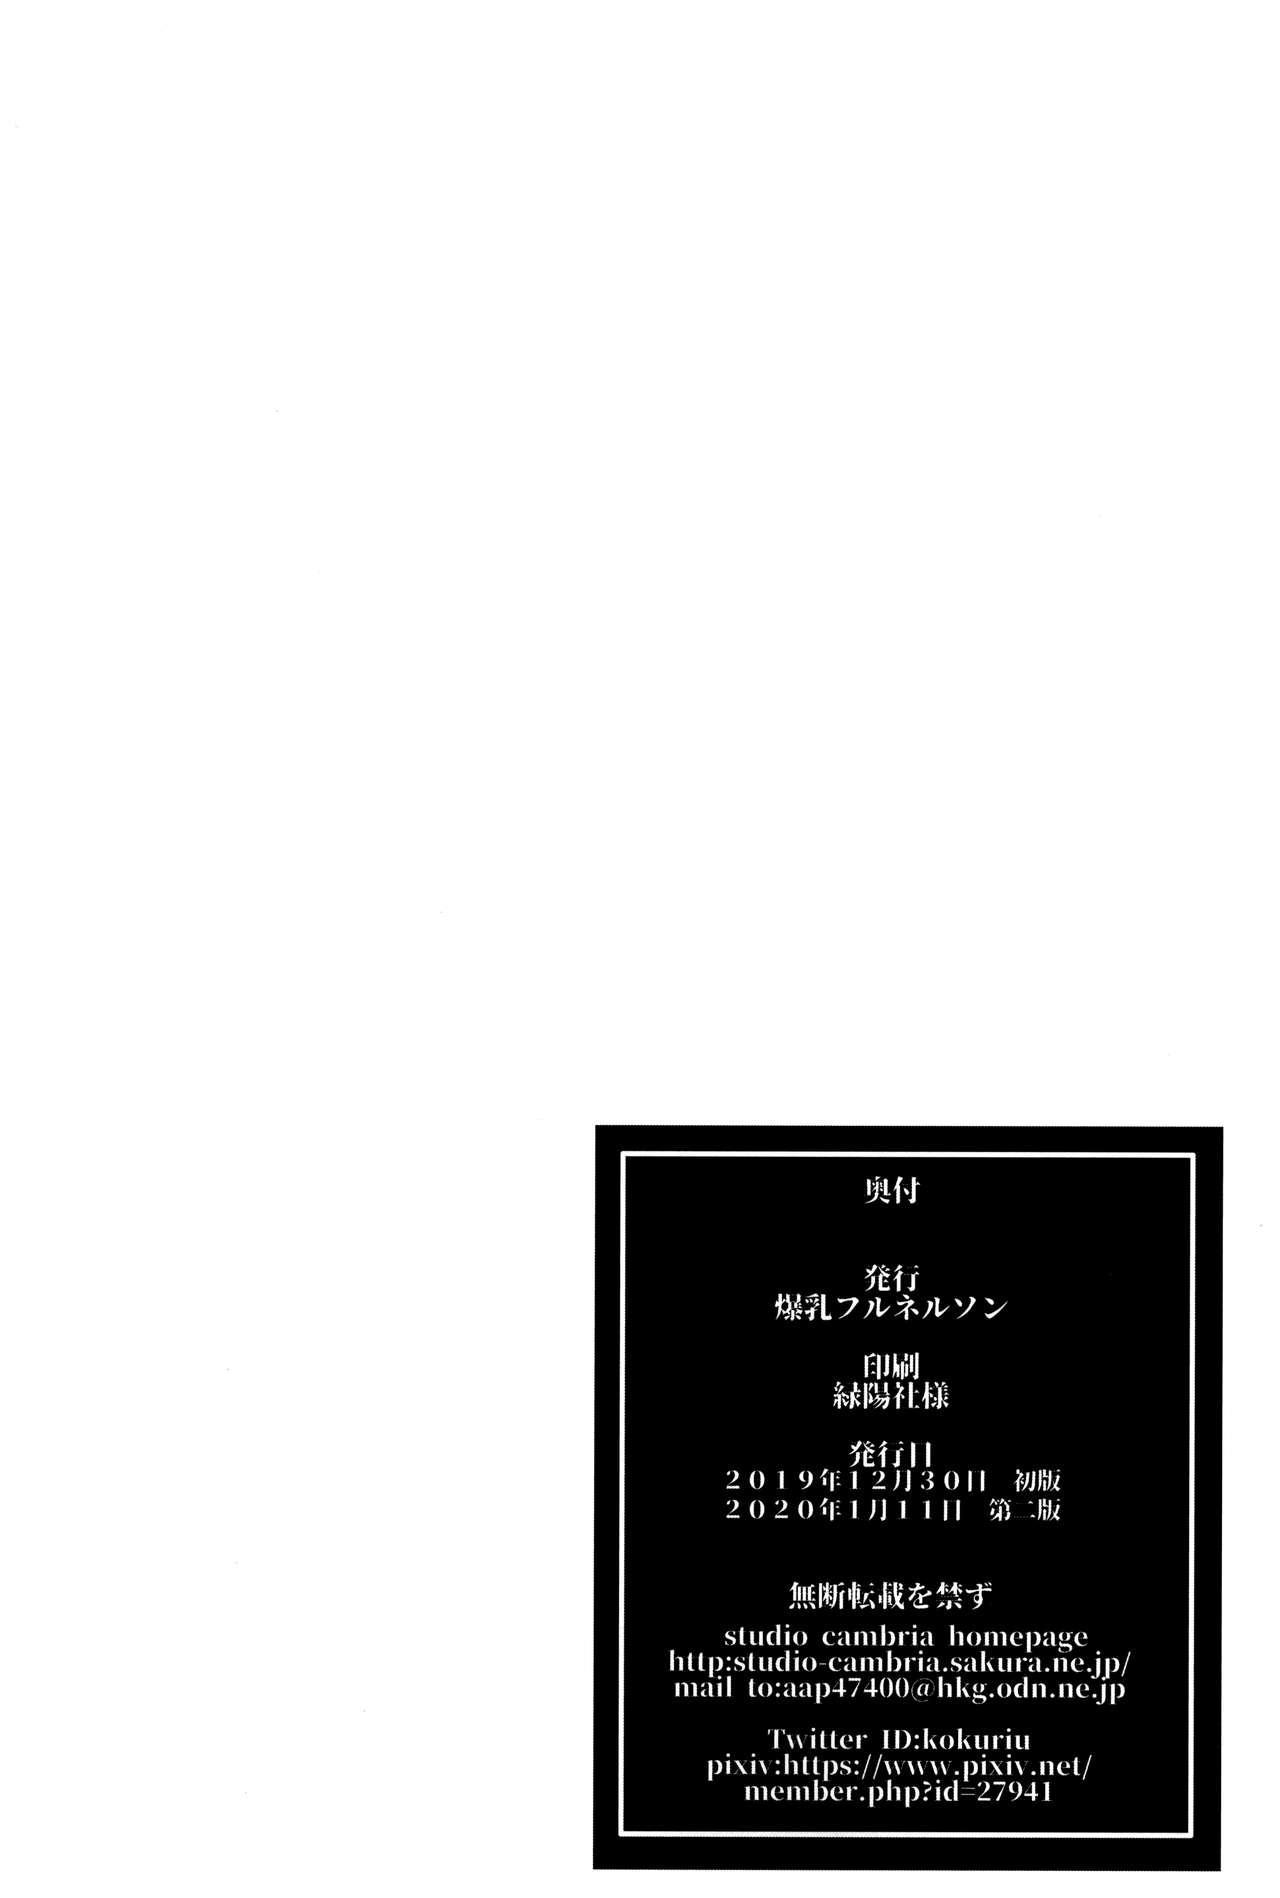 Youkoso Kokujin Koubi Beya e 3rd discipline 32